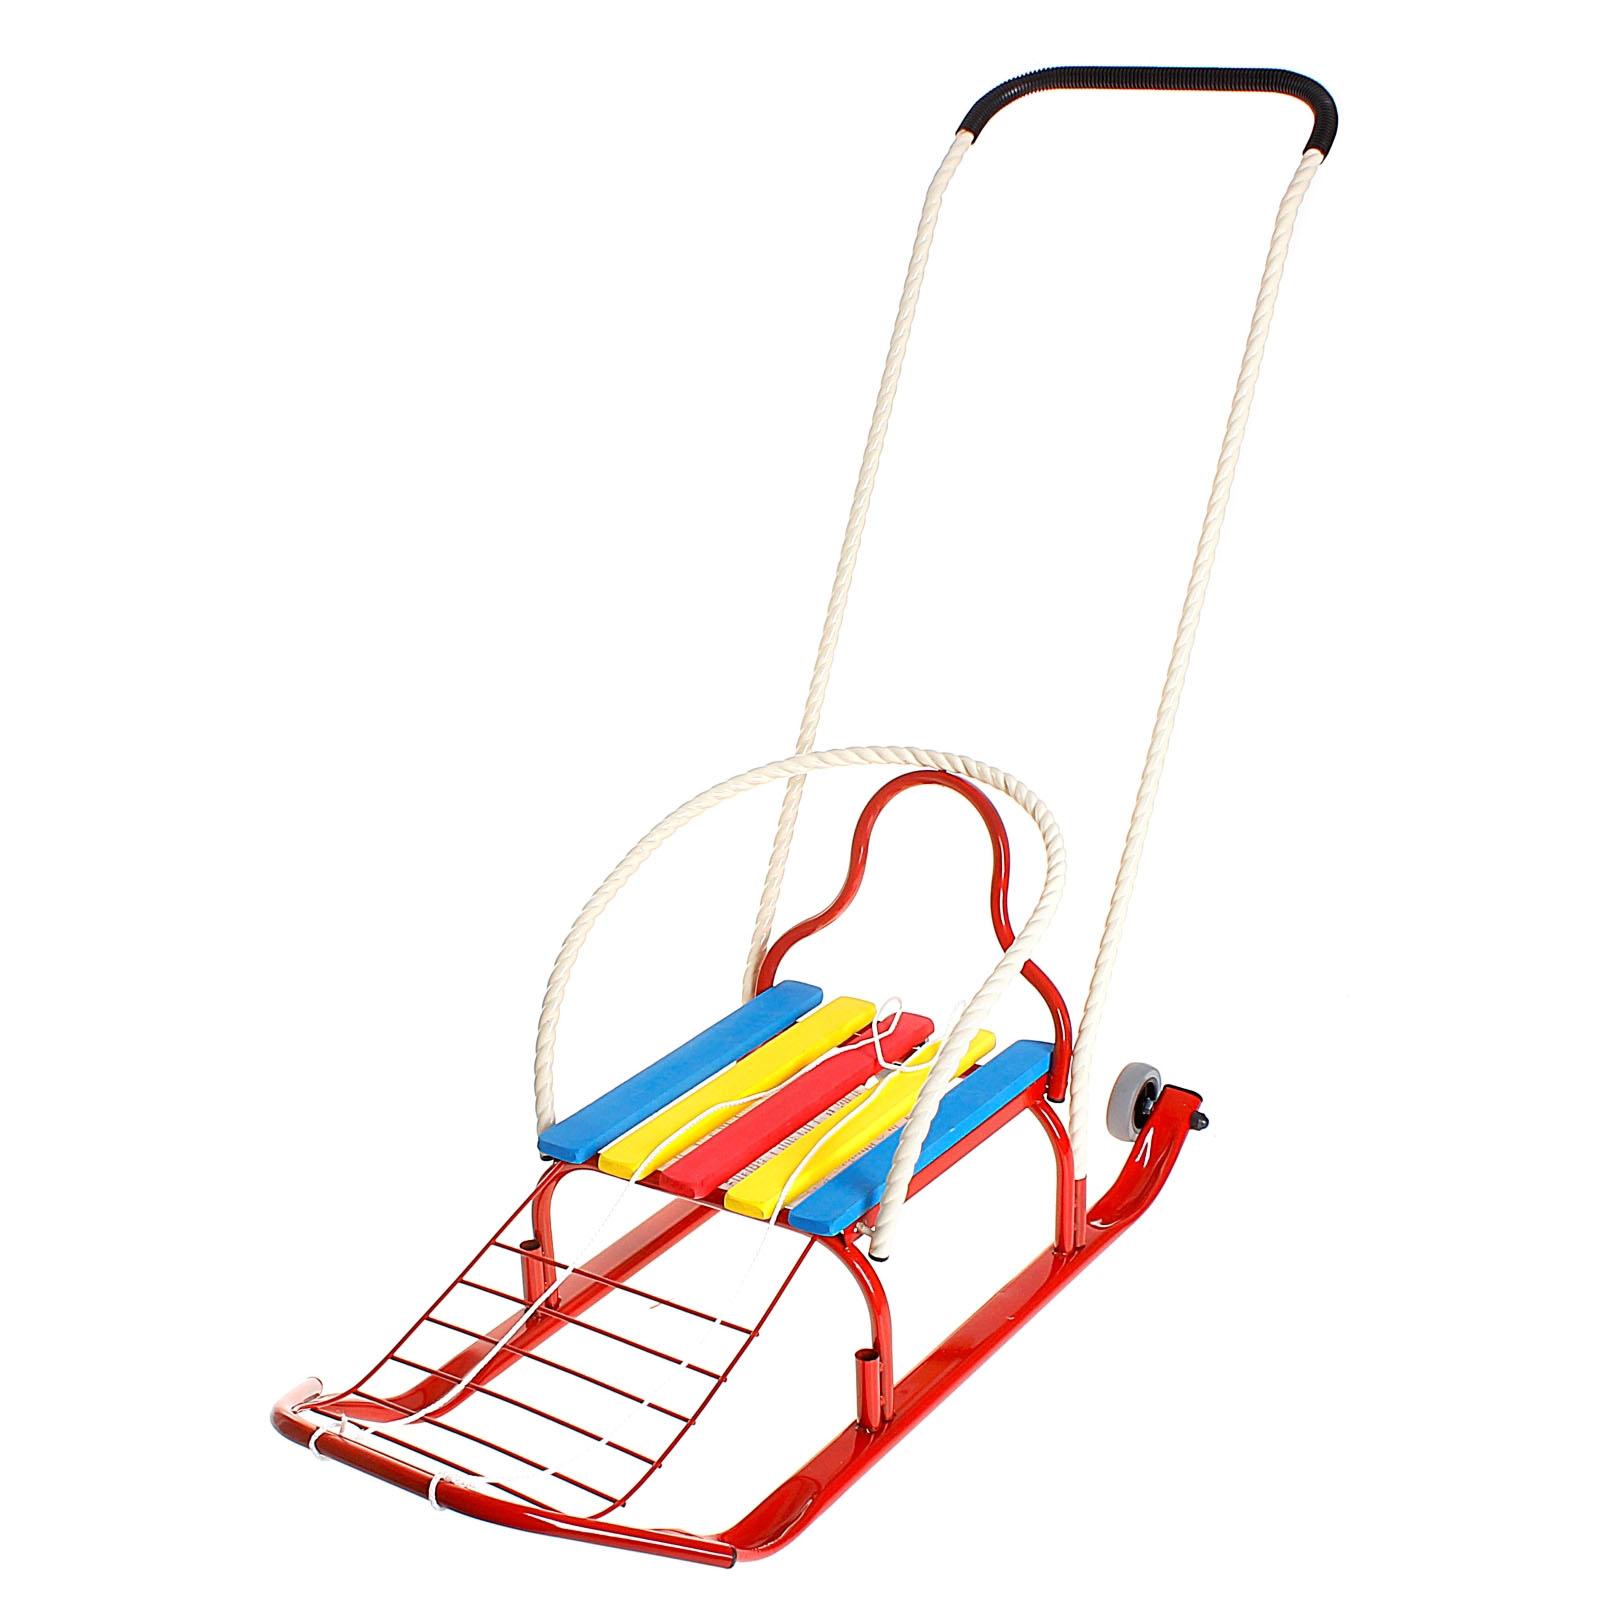 Санки - Кирюша-4К, красныеСанки и сани-коляски<br>Санки - Кирюша-4К, красные<br>